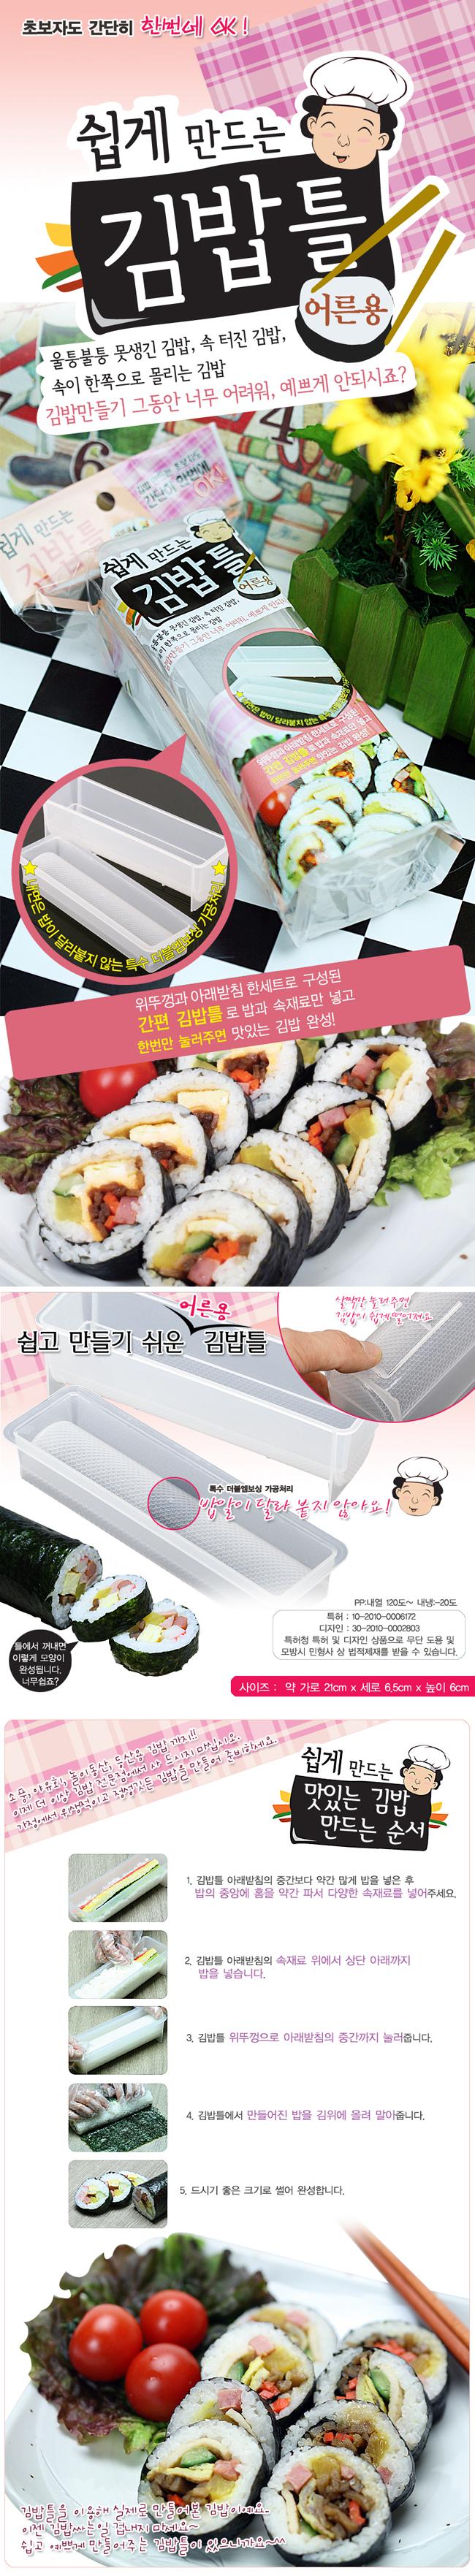 김밥틀-어른용 - 미스터베이쿡, 2,000원, 피크닉도시락/식기, 피크닉도시락통